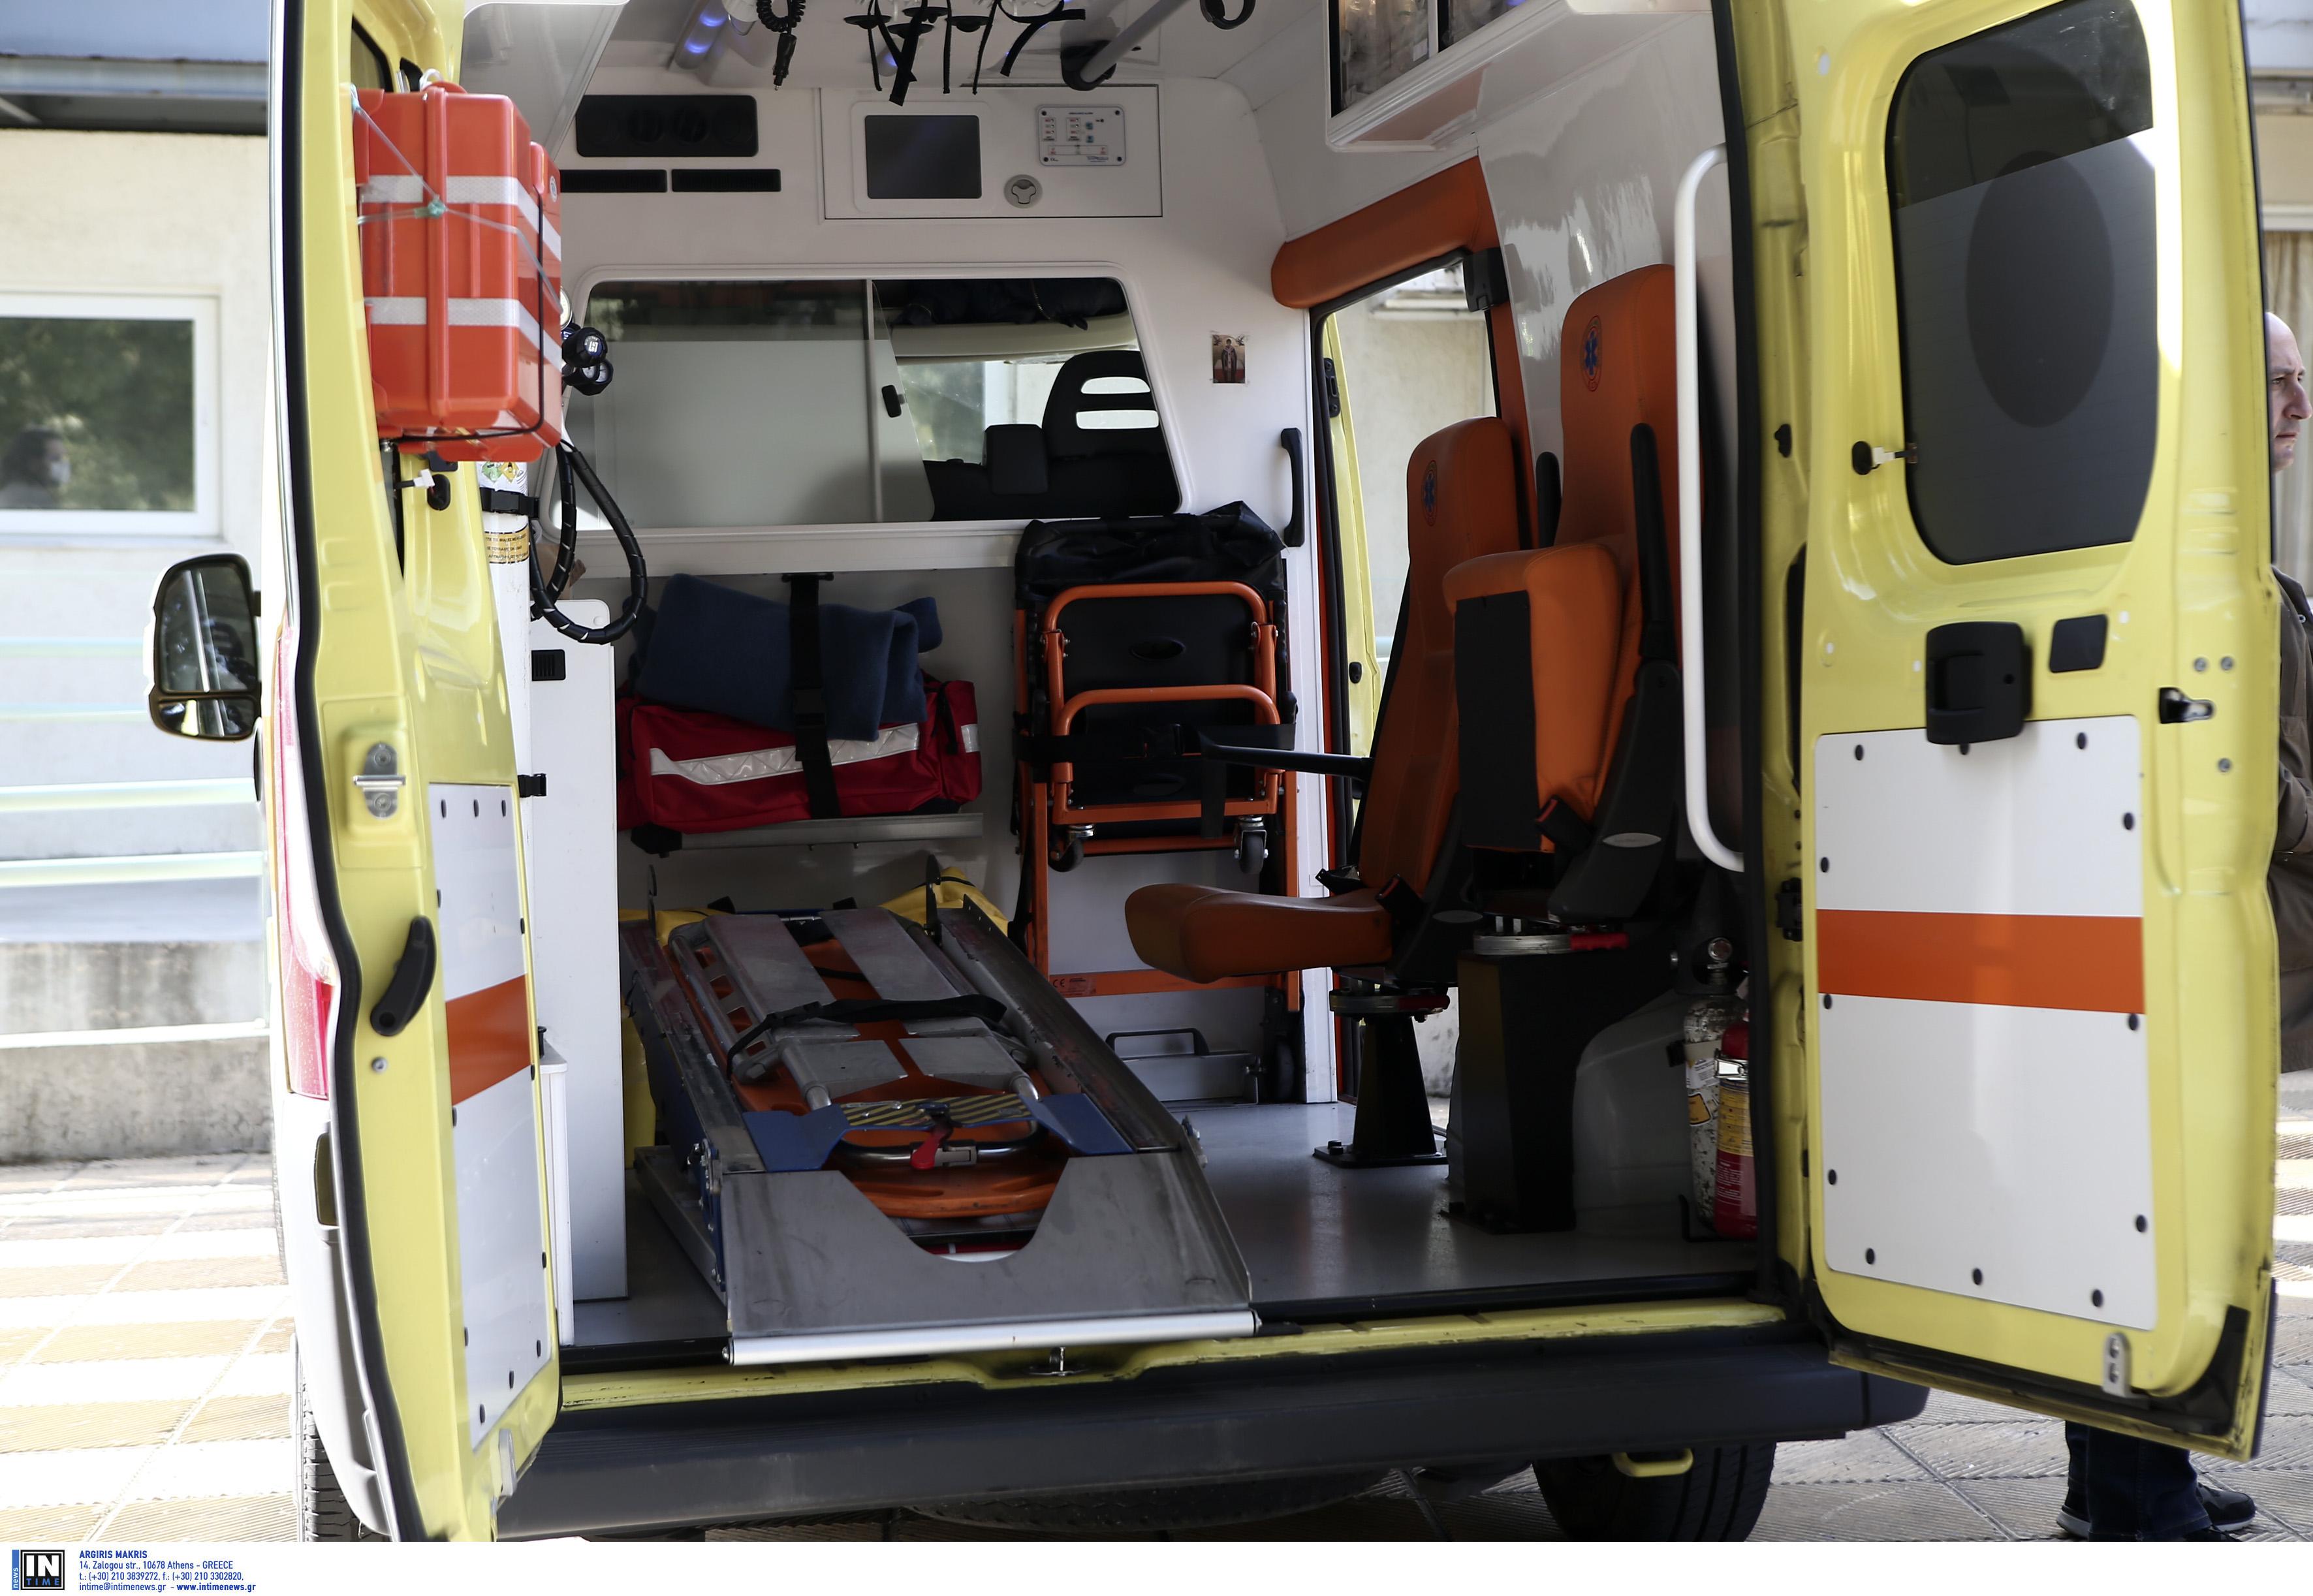 Εύβοια: Πέθανε αγγελούδι τριών ετών! Σκηνές αρχαίας τραγωδίας στο νοσοκομείο Χαλκίδας